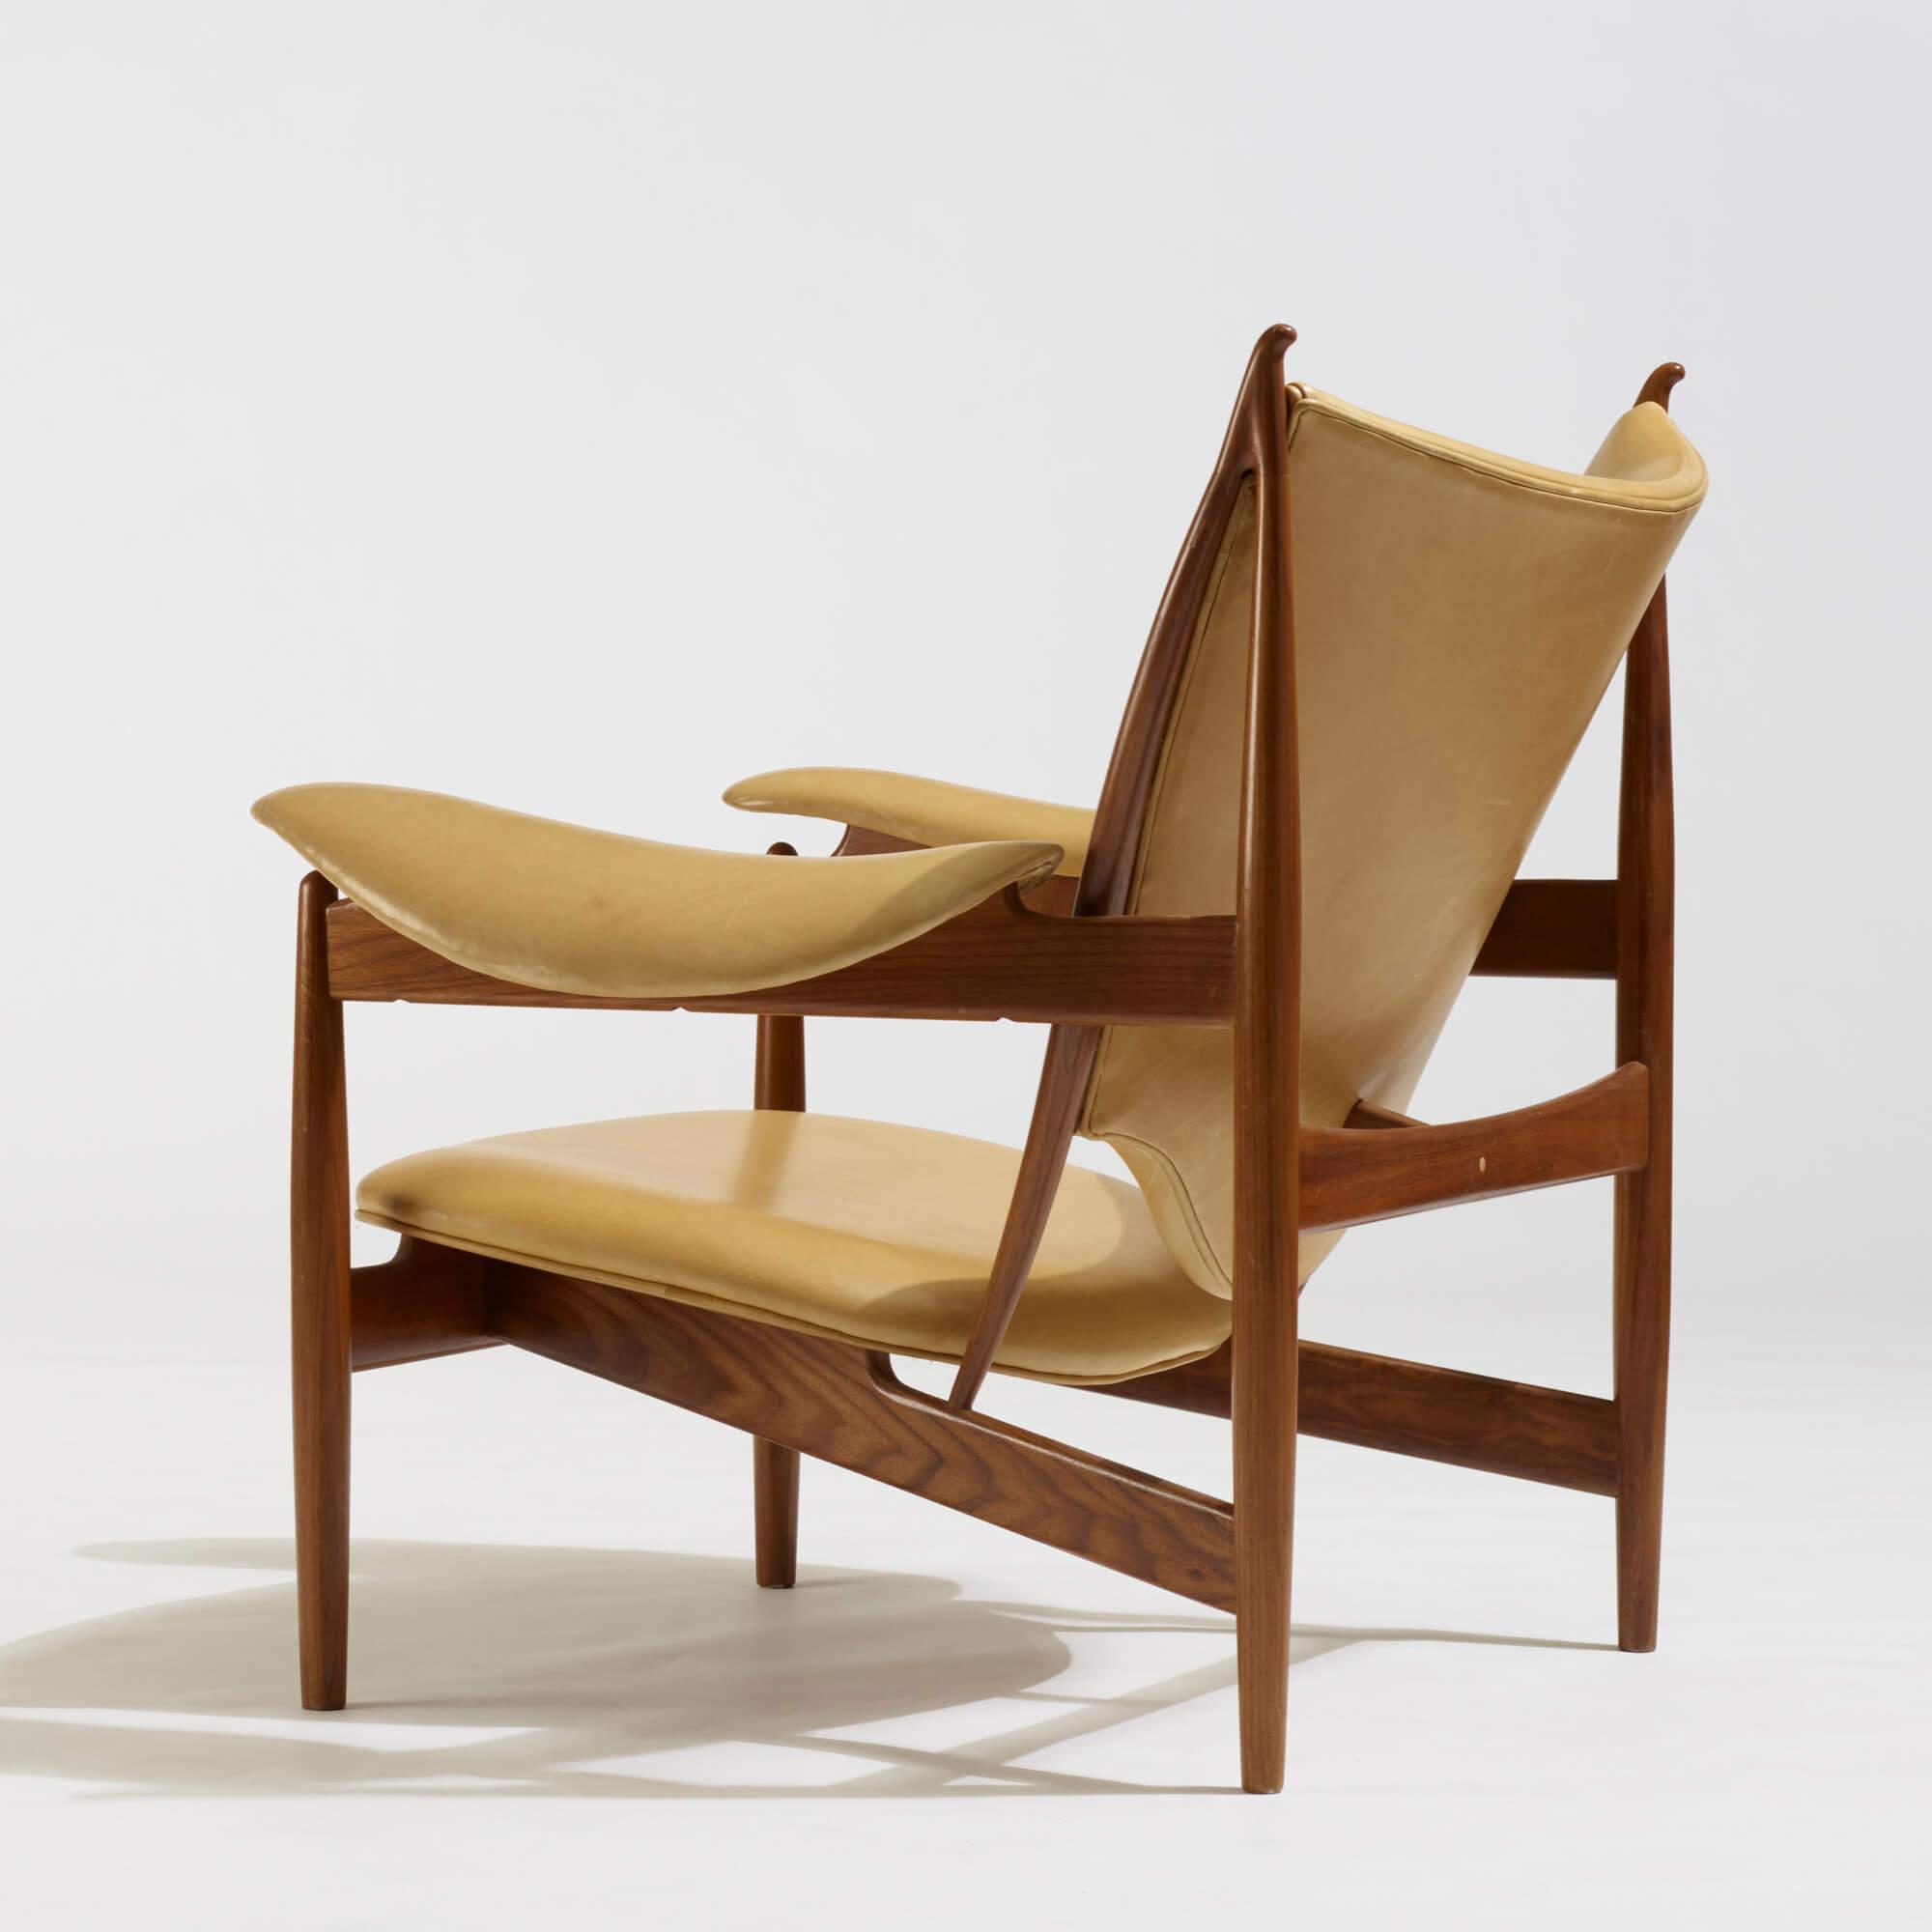 Chair designs 10